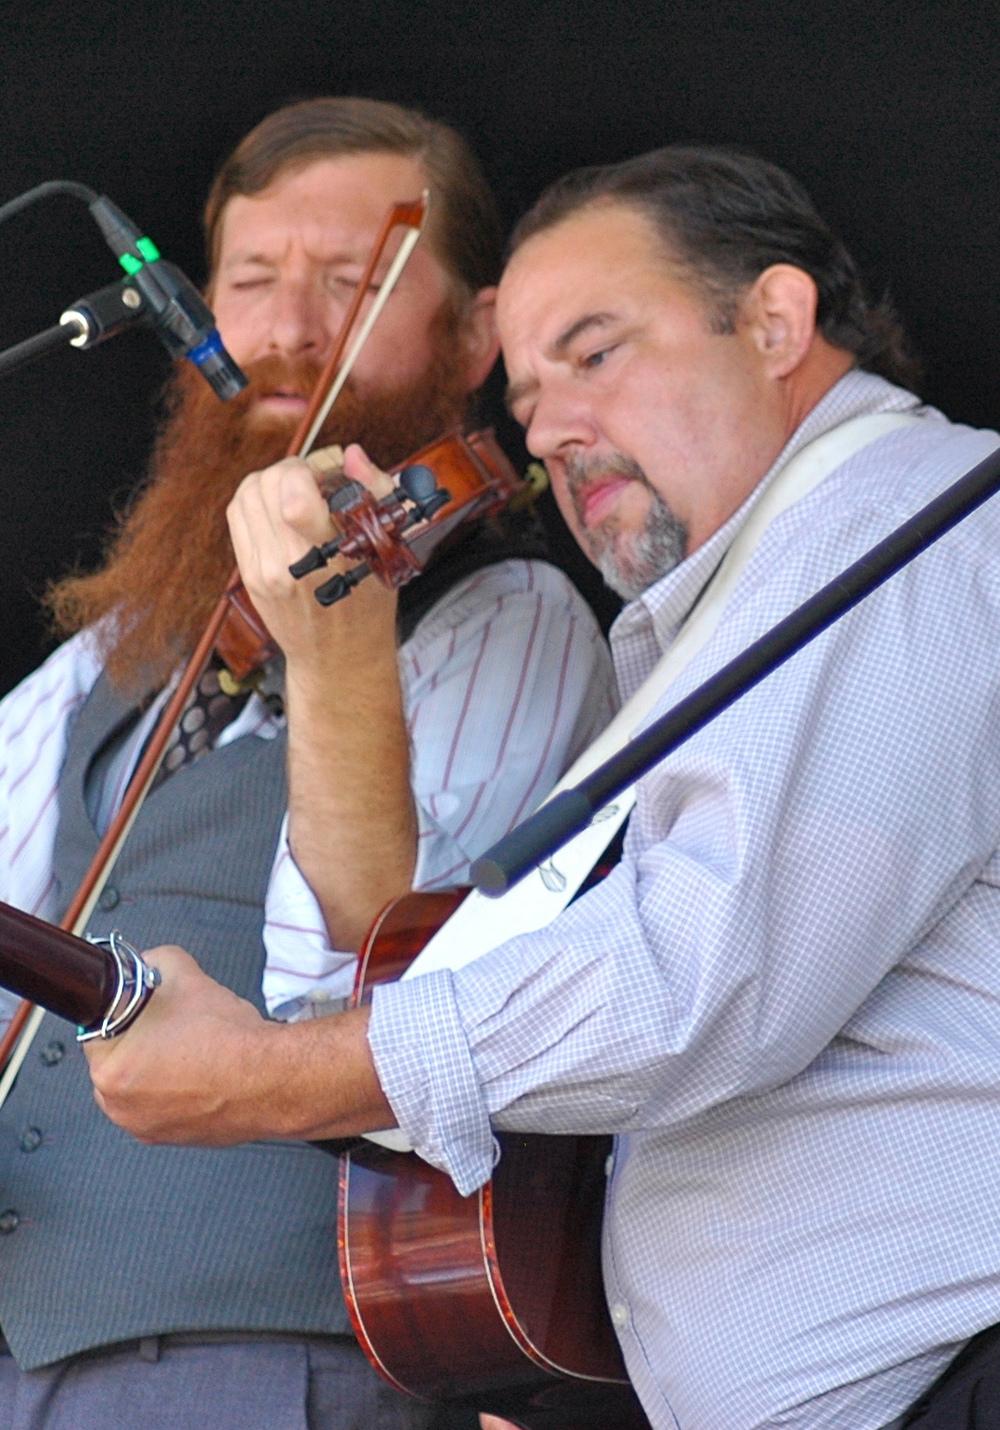 2012 - Daniel Foulks & Mark Phillips